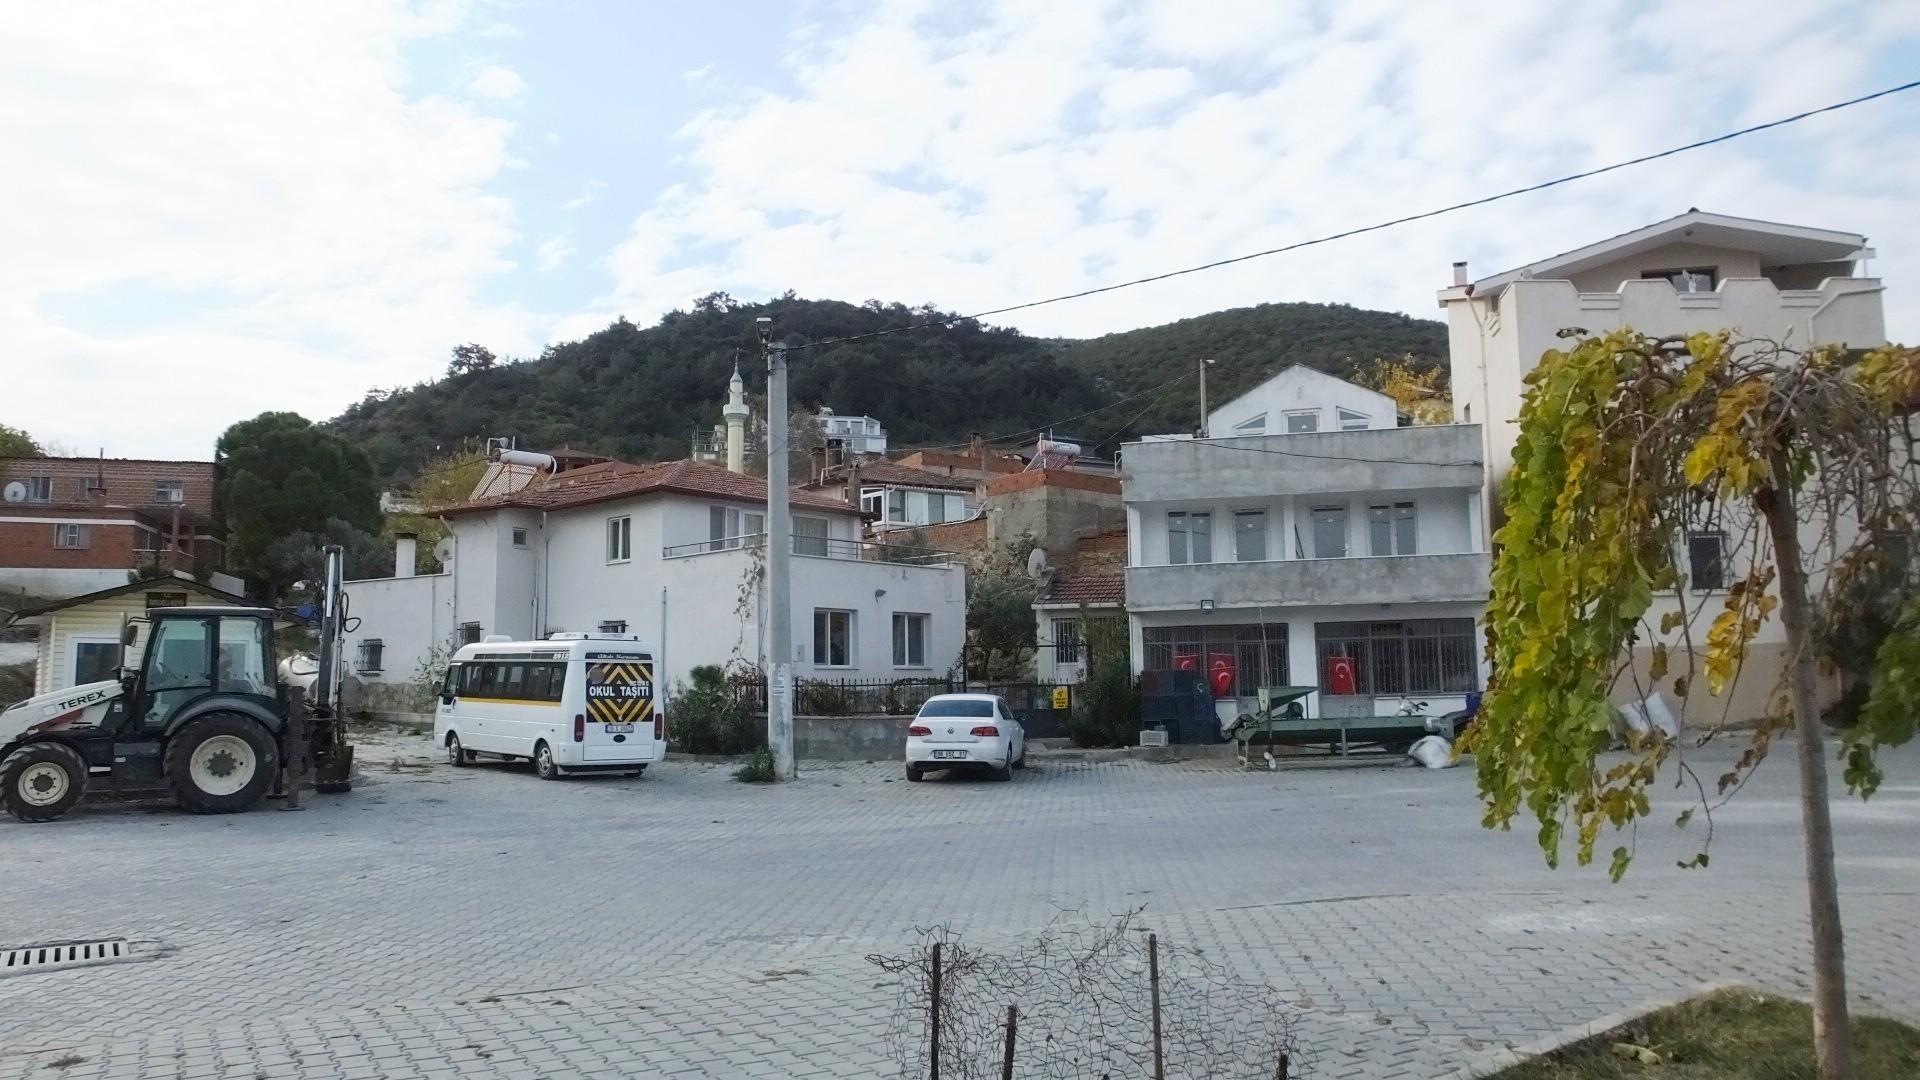 Balıkesir'de 3 mahallede 13 ev karantinaya alındı